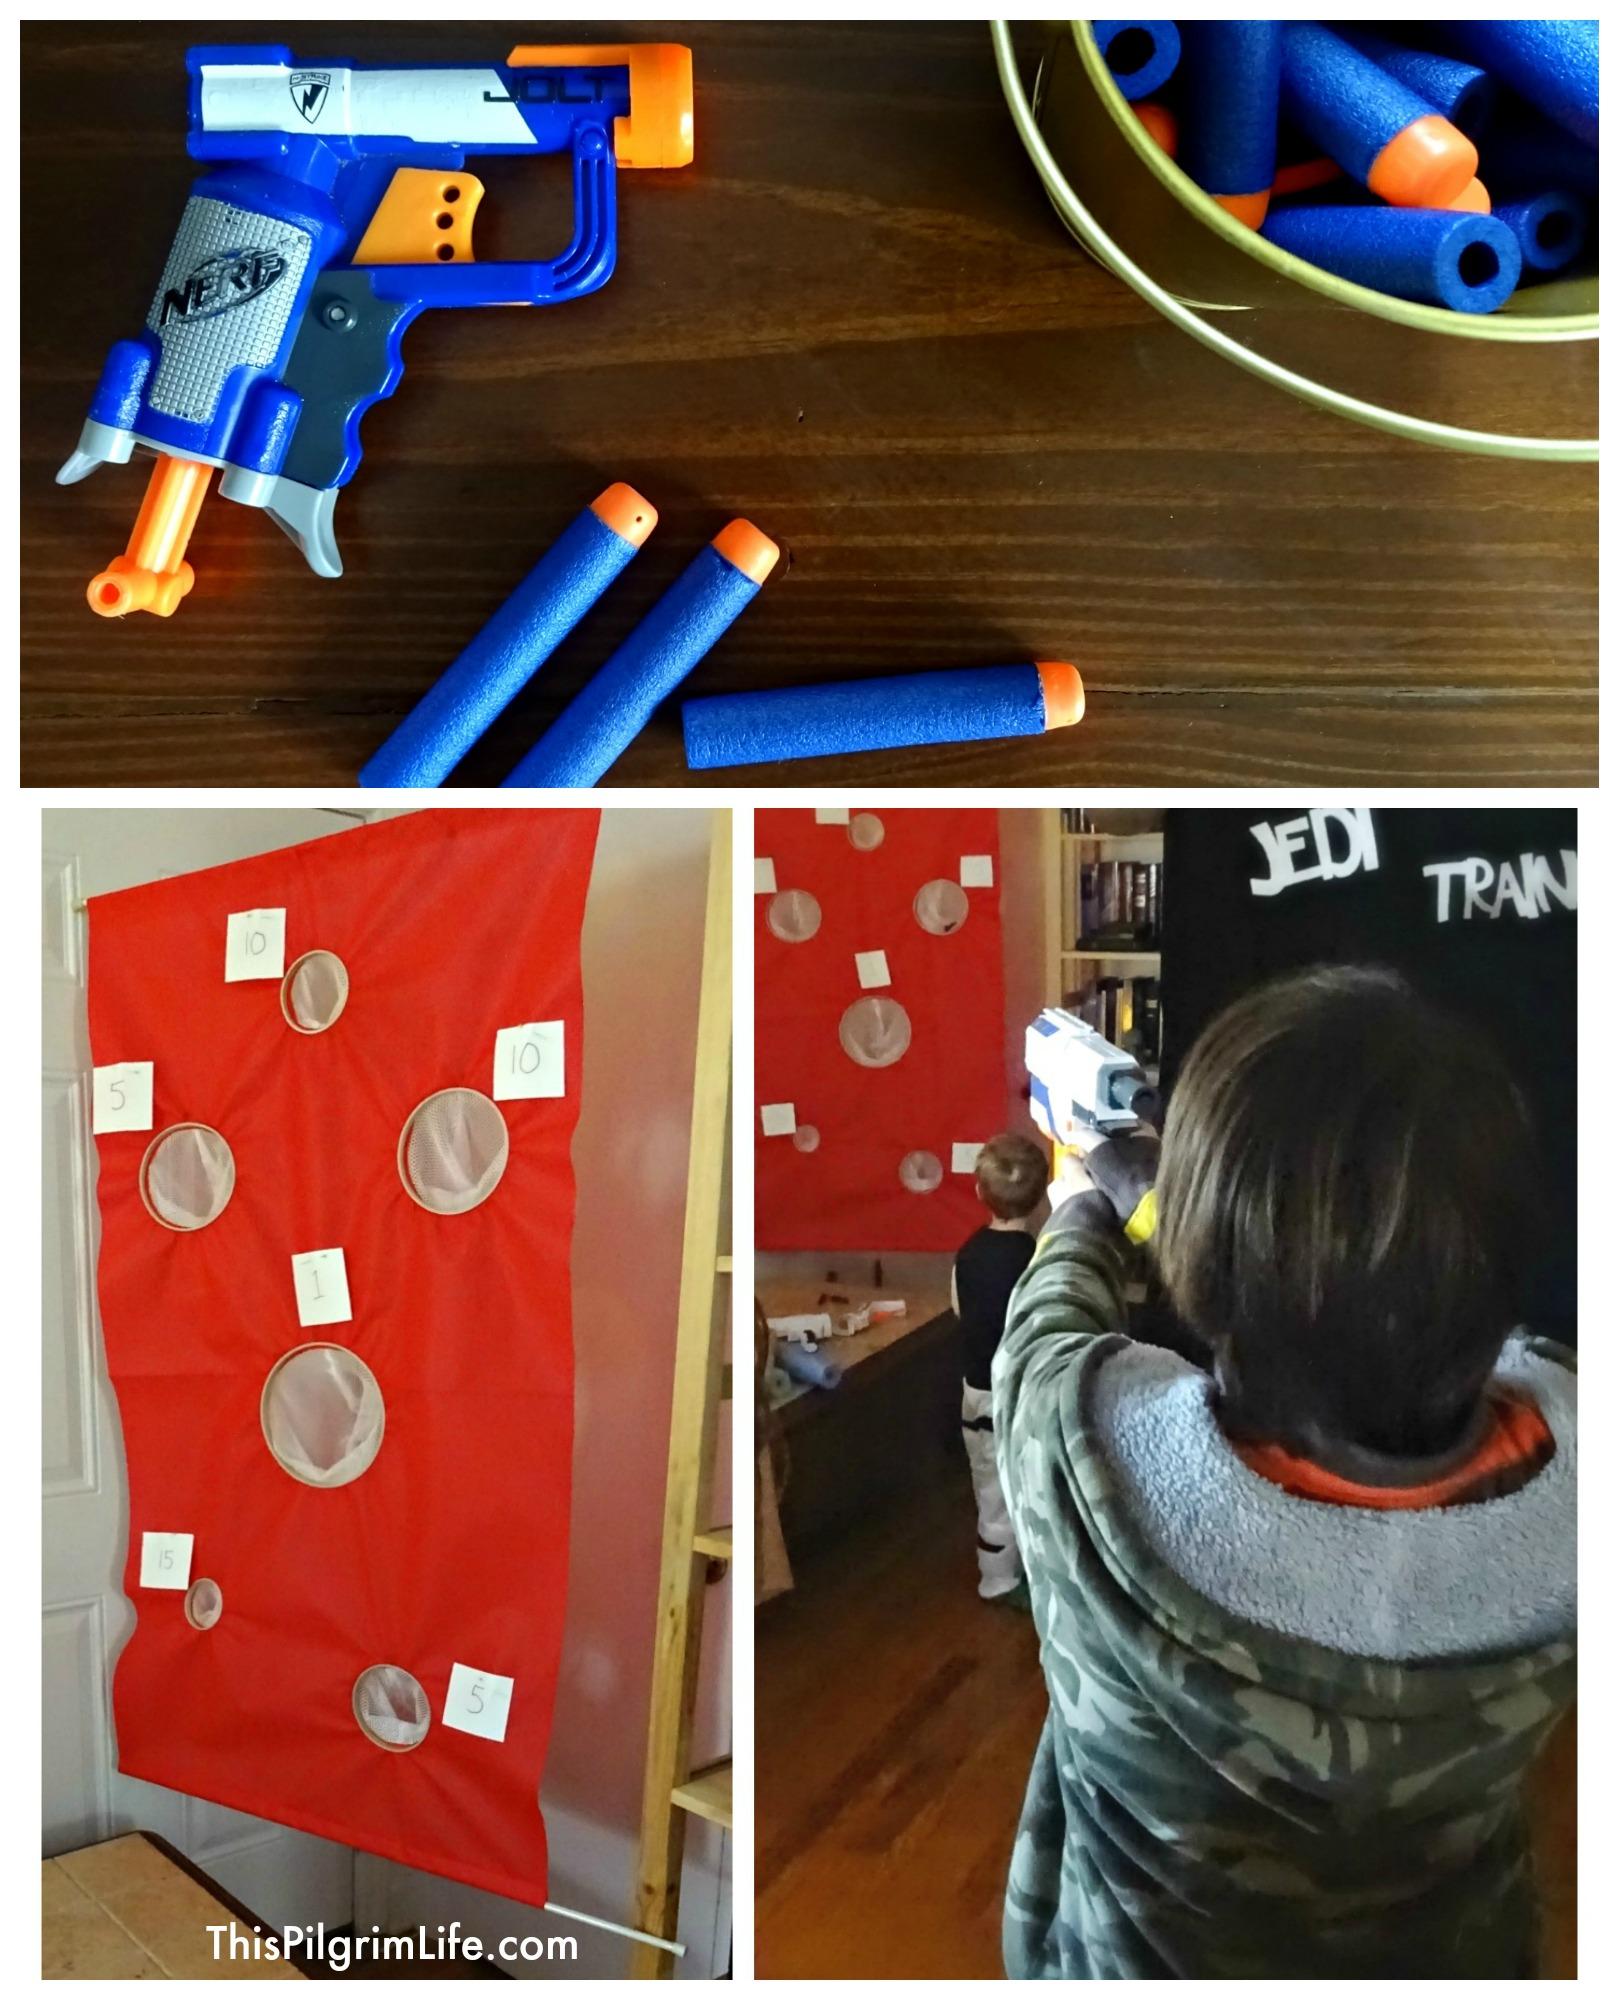 Nerf Target Toys For Boys : Diy hanging nerf target this pilgrim life